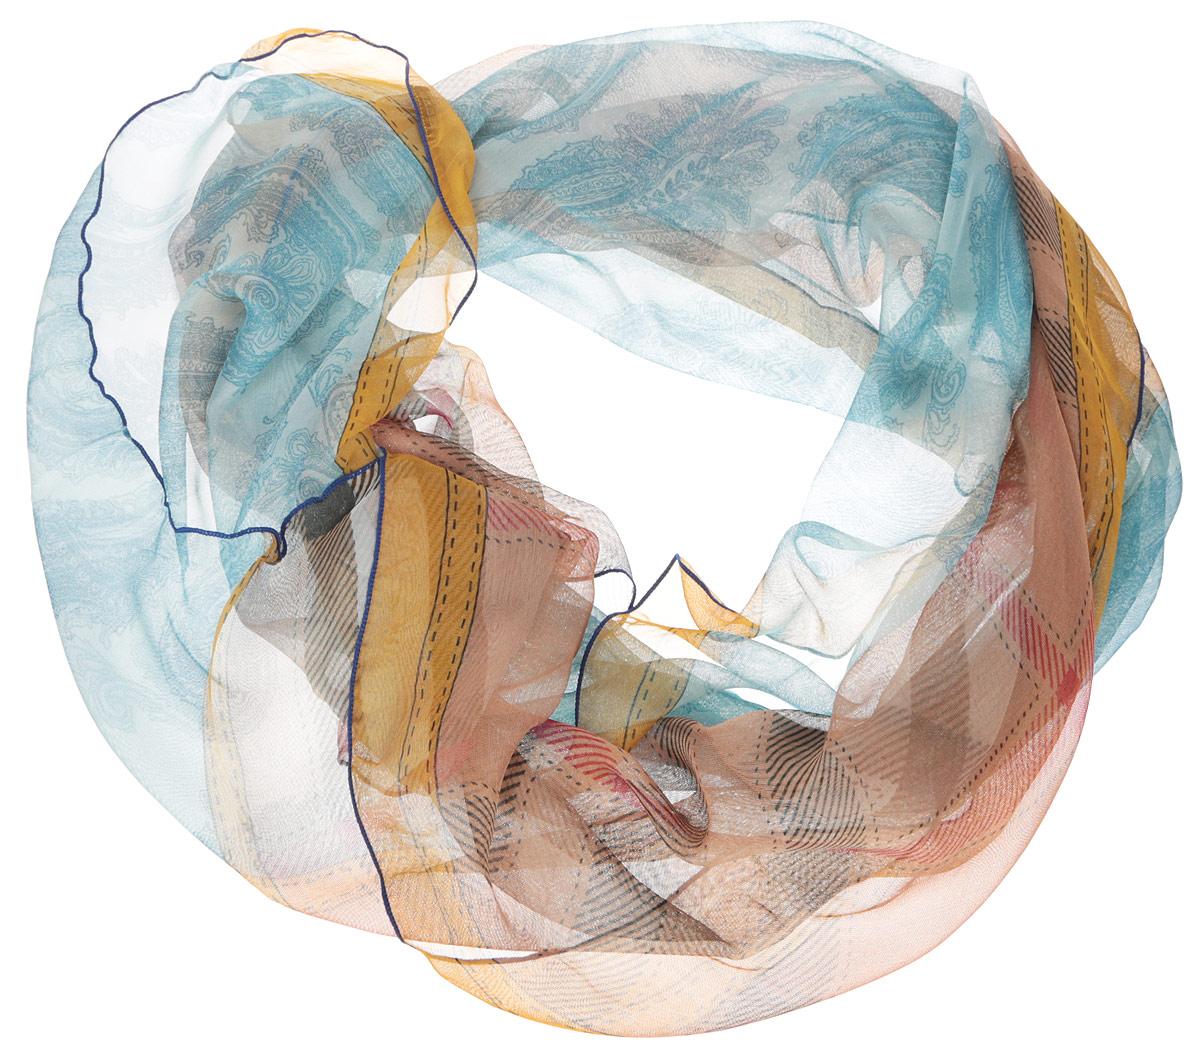 ШарфRL0068-1Женский шарф Fabretti позволит вам создать неповторимый и запоминающийся образ. Изготовленный из высококачественных материалов, он очень тонкий и легкий, имеет приятную на ощупь текстуру. Модель оформлена принтом в клетку, а также принтом с узорами. Такой аксессуар станет стильным дополнением к гардеробу современной женщины, стремящейся всегда оставаться яркой и элегантной.